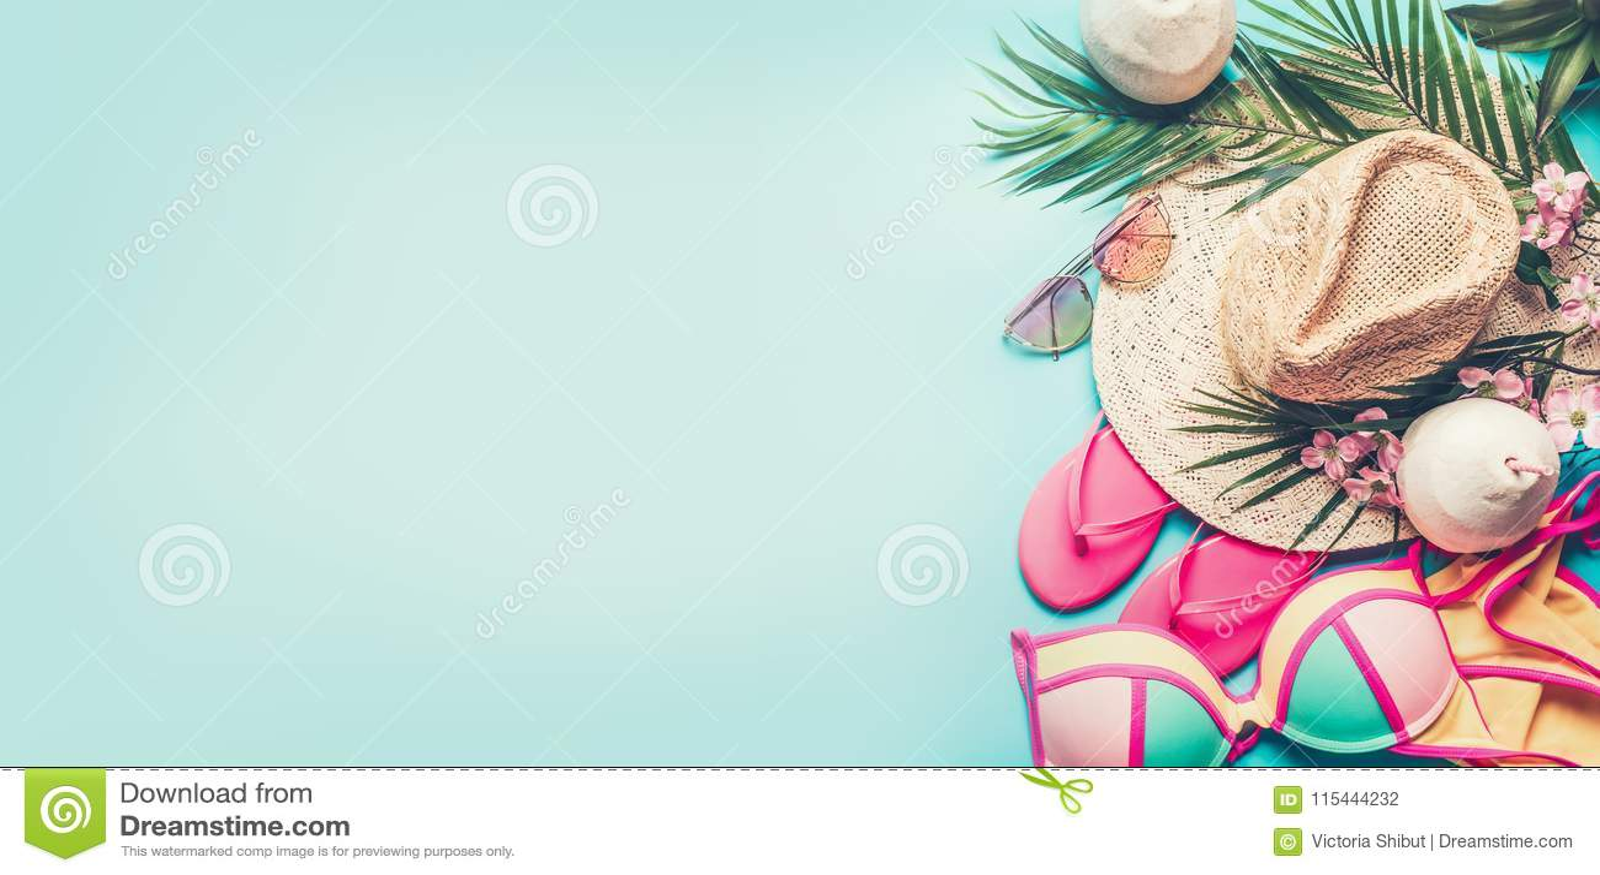 Знамя летнего отпуска Аксессуары пляжа: соломенная шляпа, листья ладони, стекла солнца, розовые темповые сальто сальто, бикини и